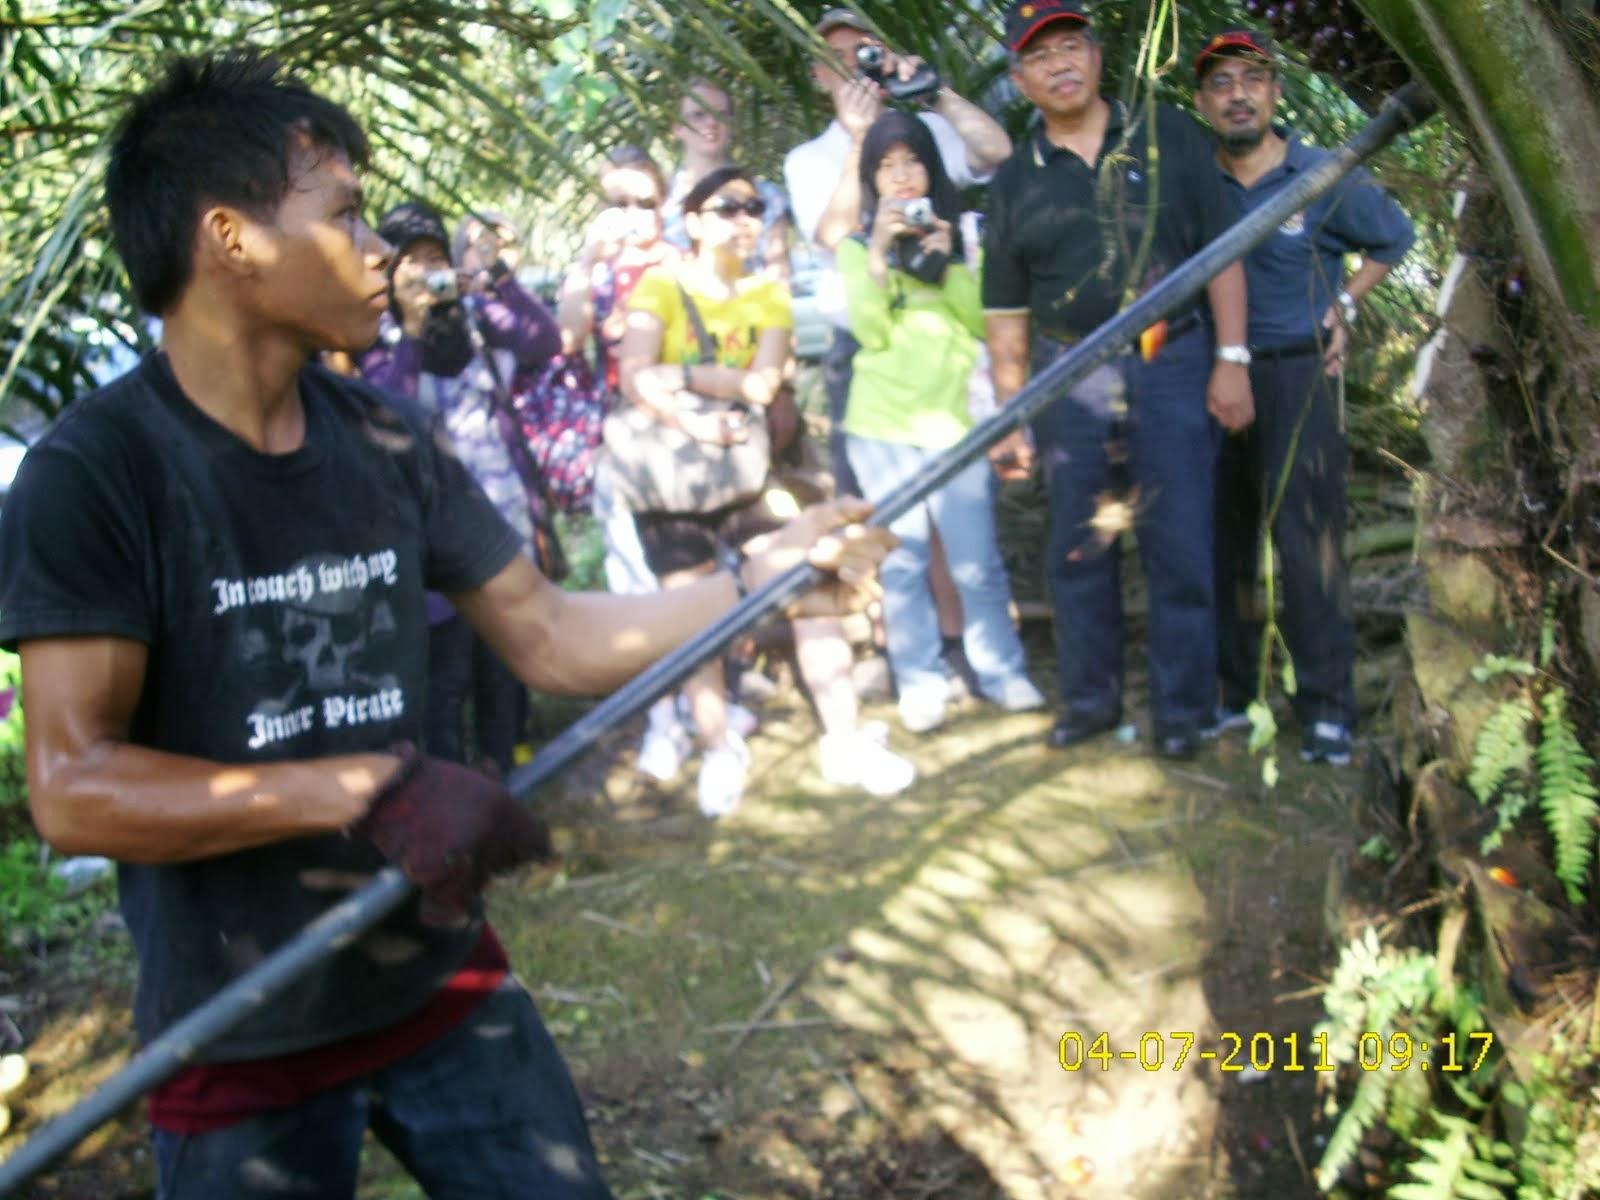 عش أفضل السبل لخوض تجربة الحياة الماليزية الأصيلة والتعرف على ثقافتها (مصور)